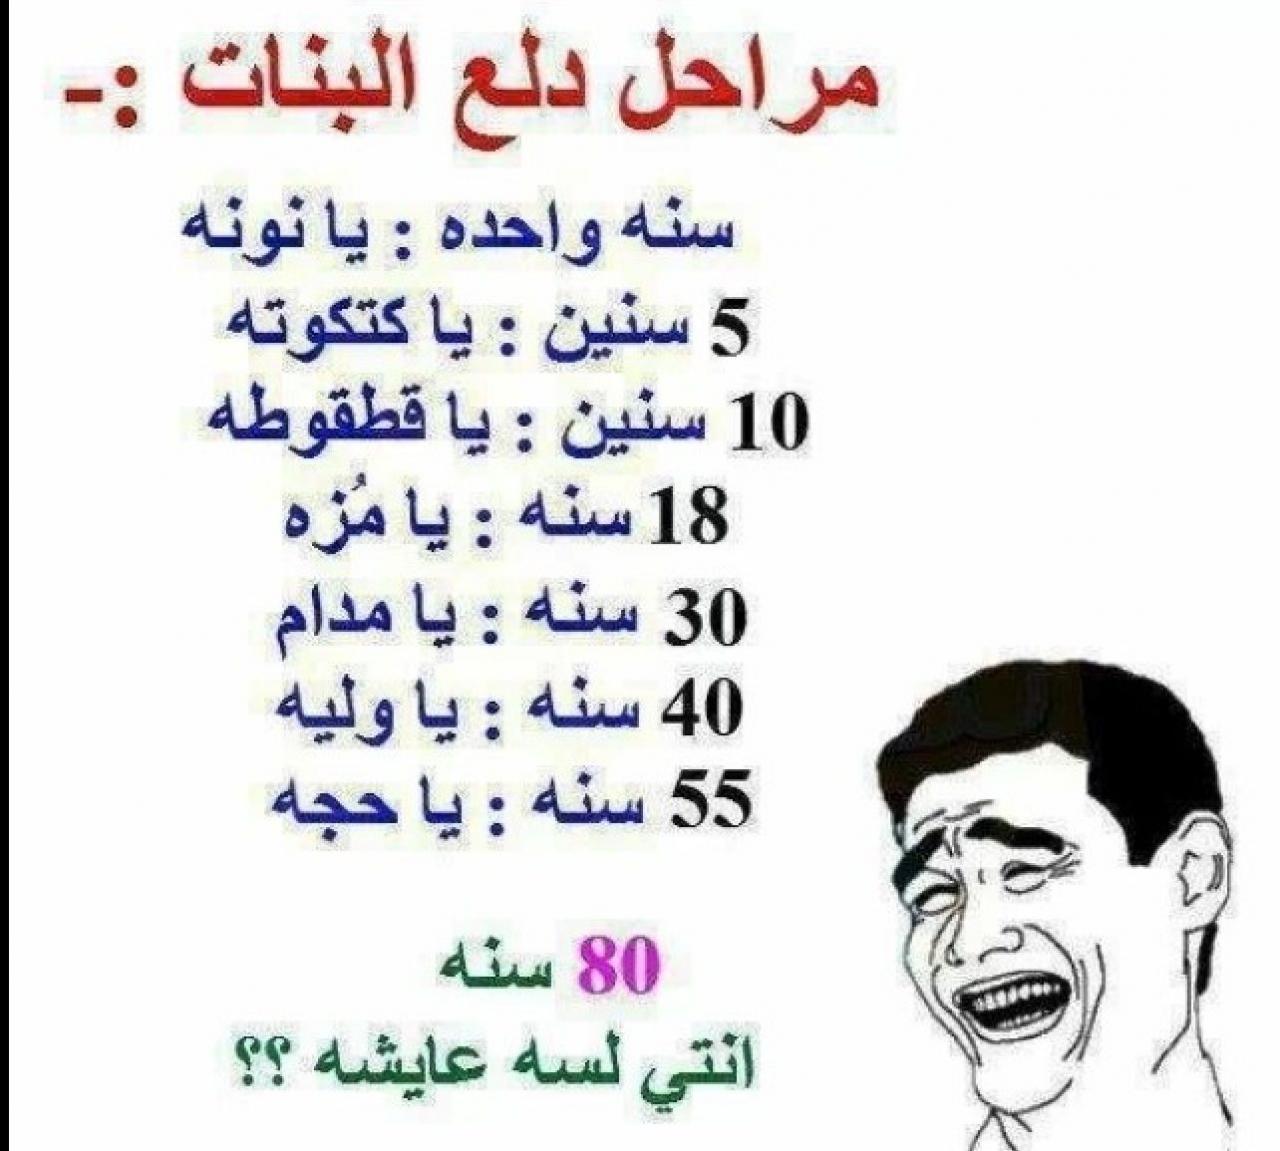 صورة نكت 18 مصرية , نكت مصريه للكبار فقط